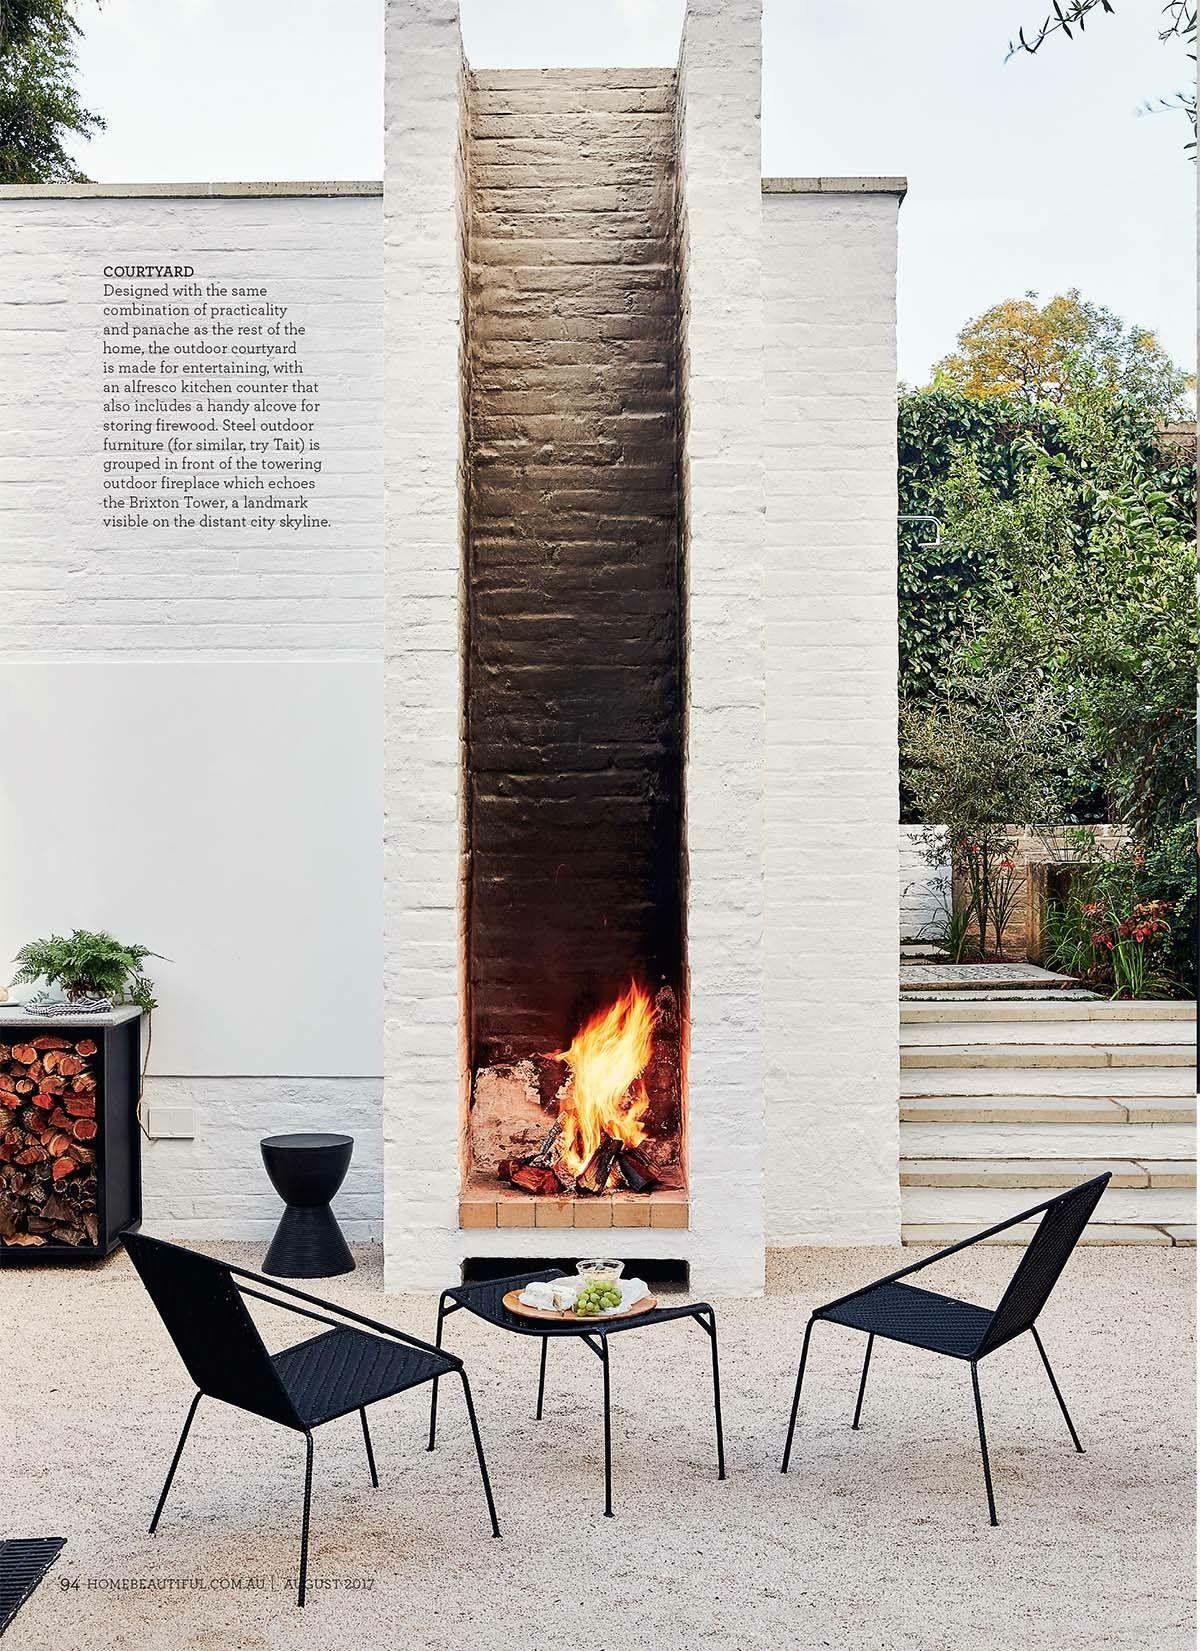 Pin By Alexander Basler On Mollymook Outdoor Fireplace Modern Outdoor Backyard Design